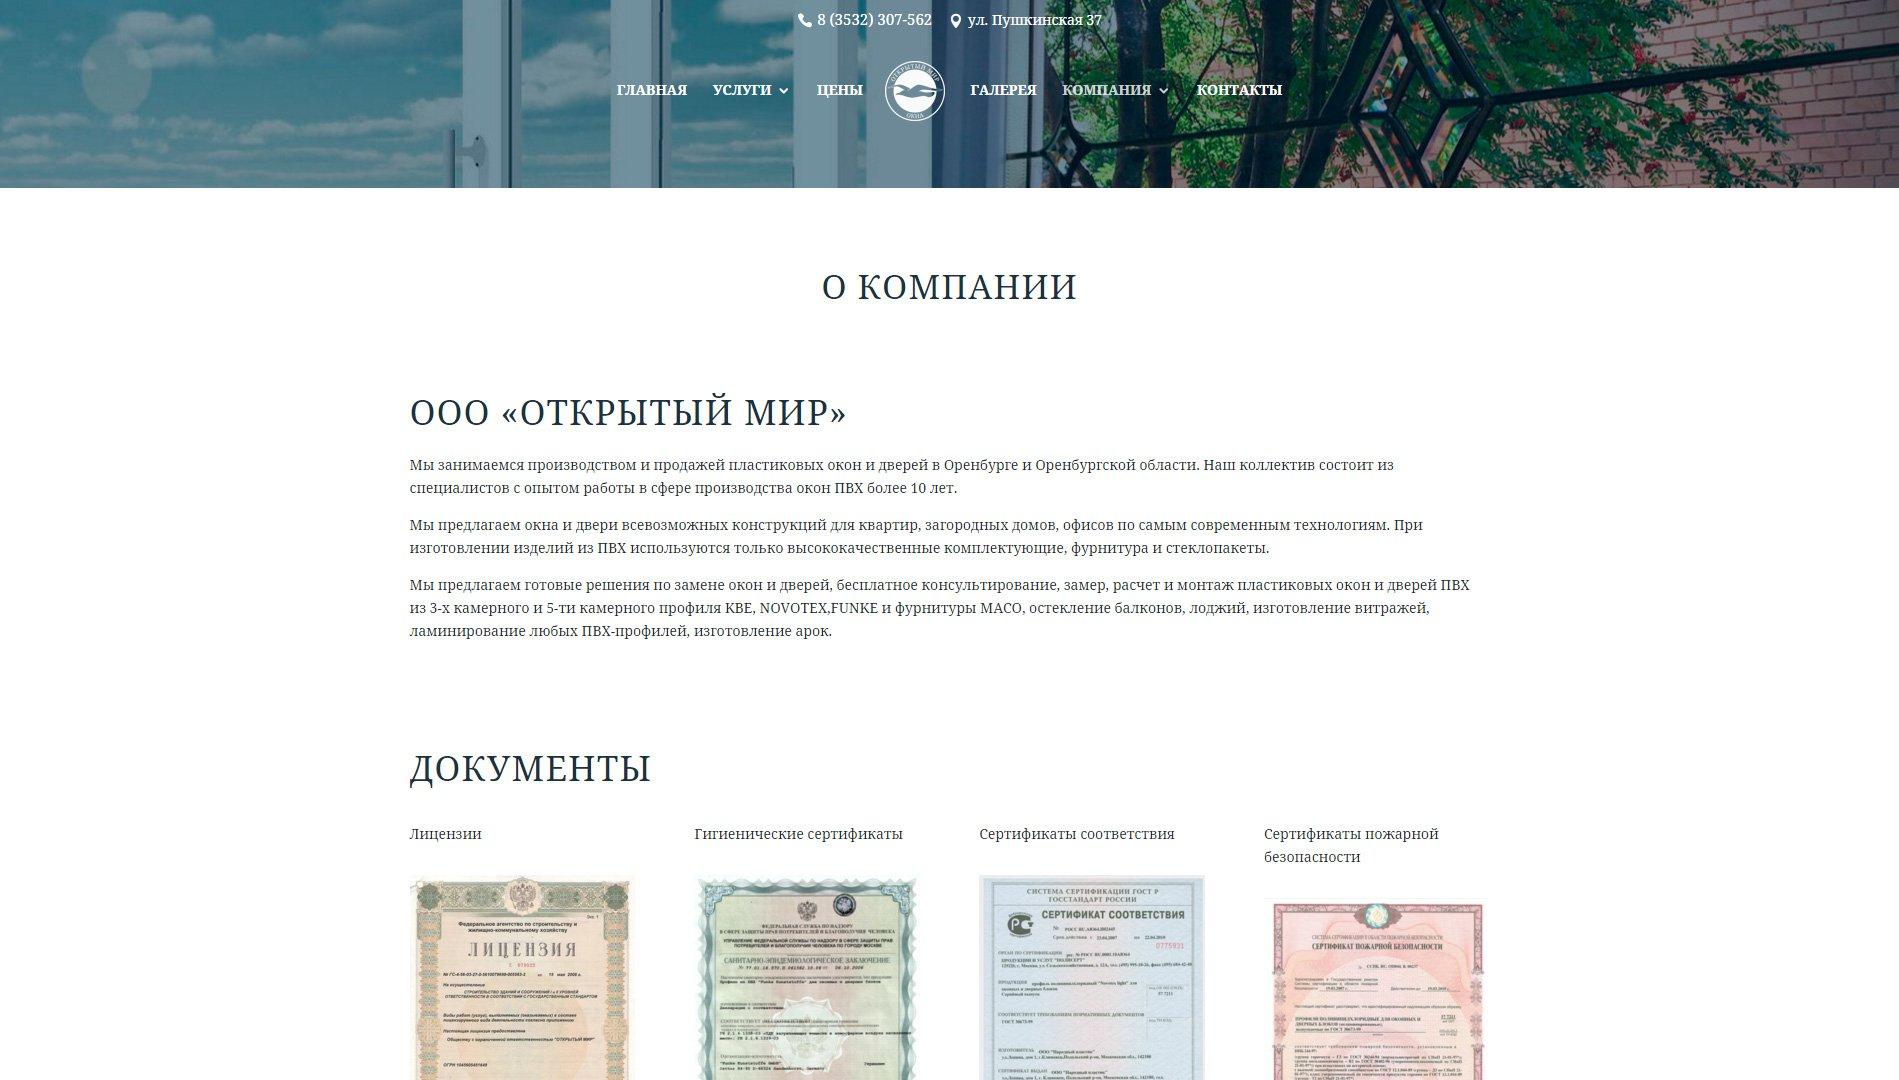 Создание сайта пластиковых окон openwd.ru (17)